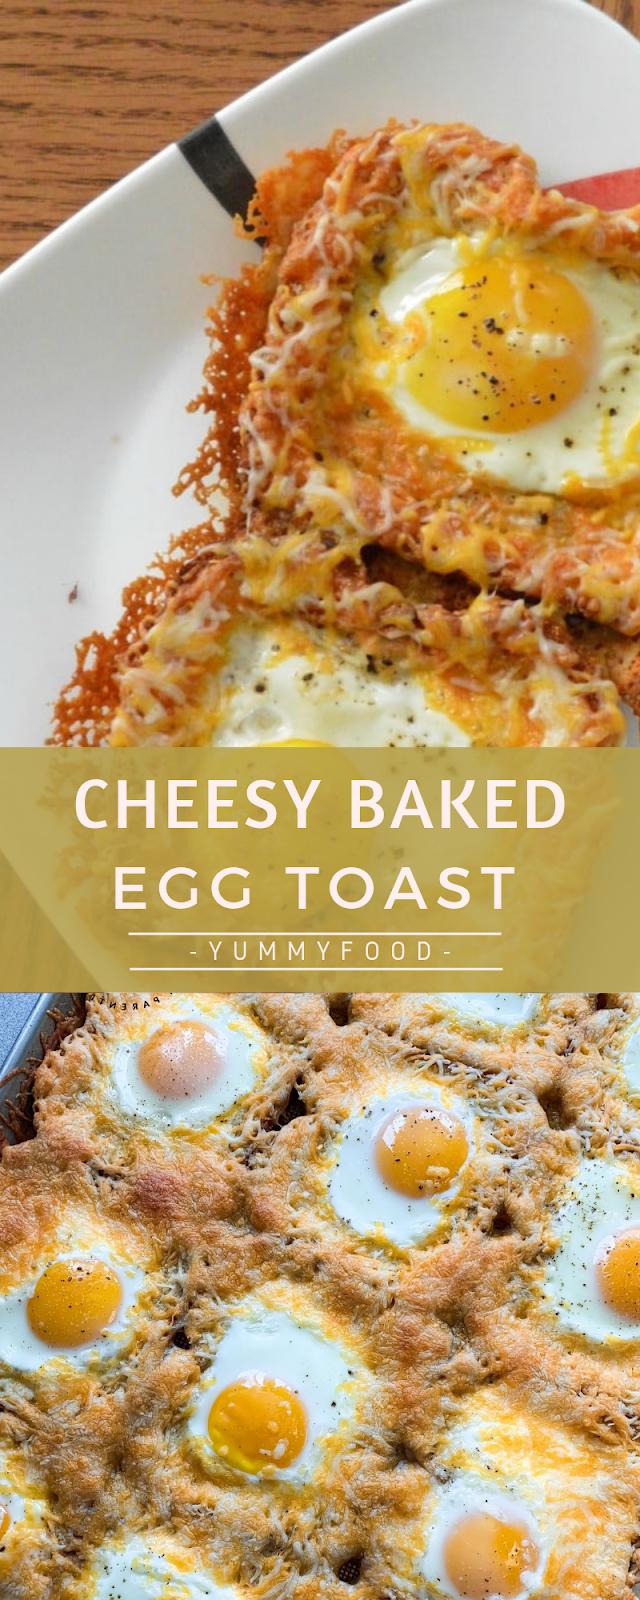 Cheesy Baked Egg Toast Recipe